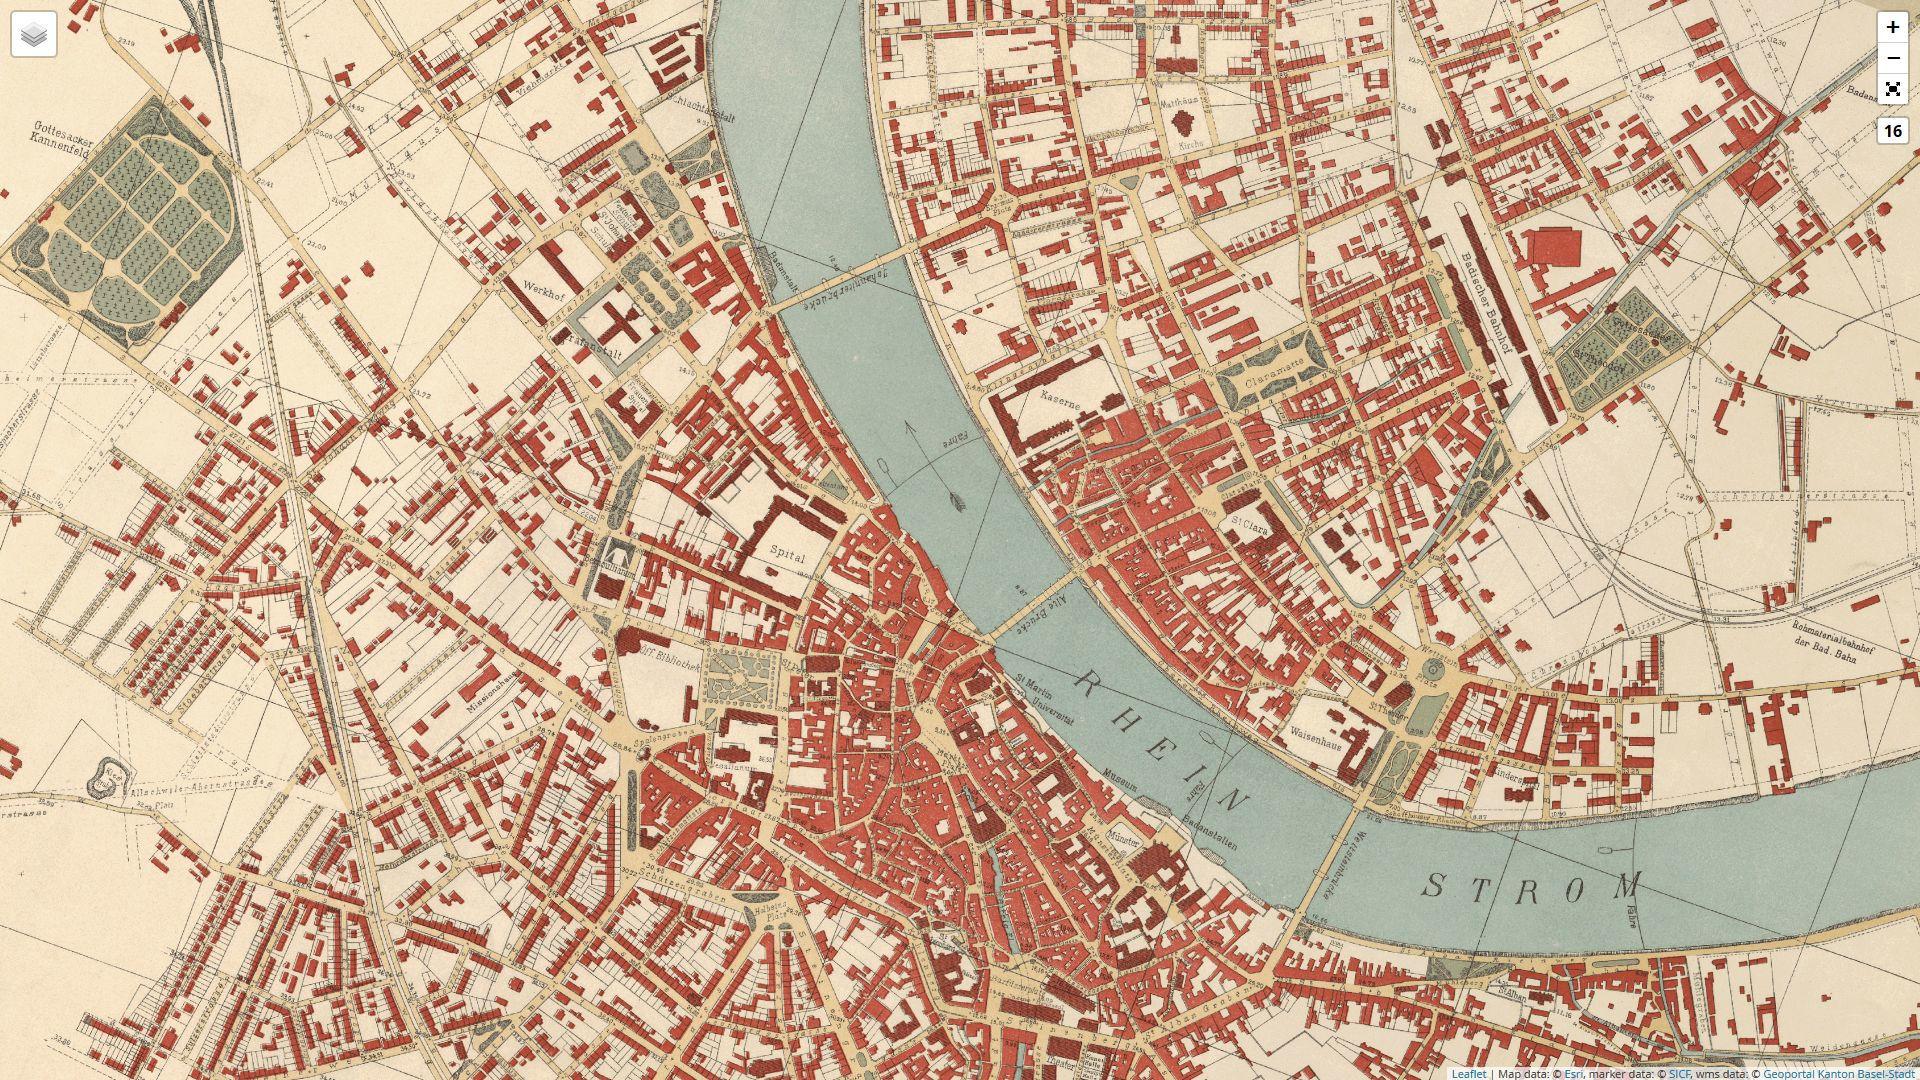 Geoportal Kanton Basel-Stadt: Übersichtsplan von 1896